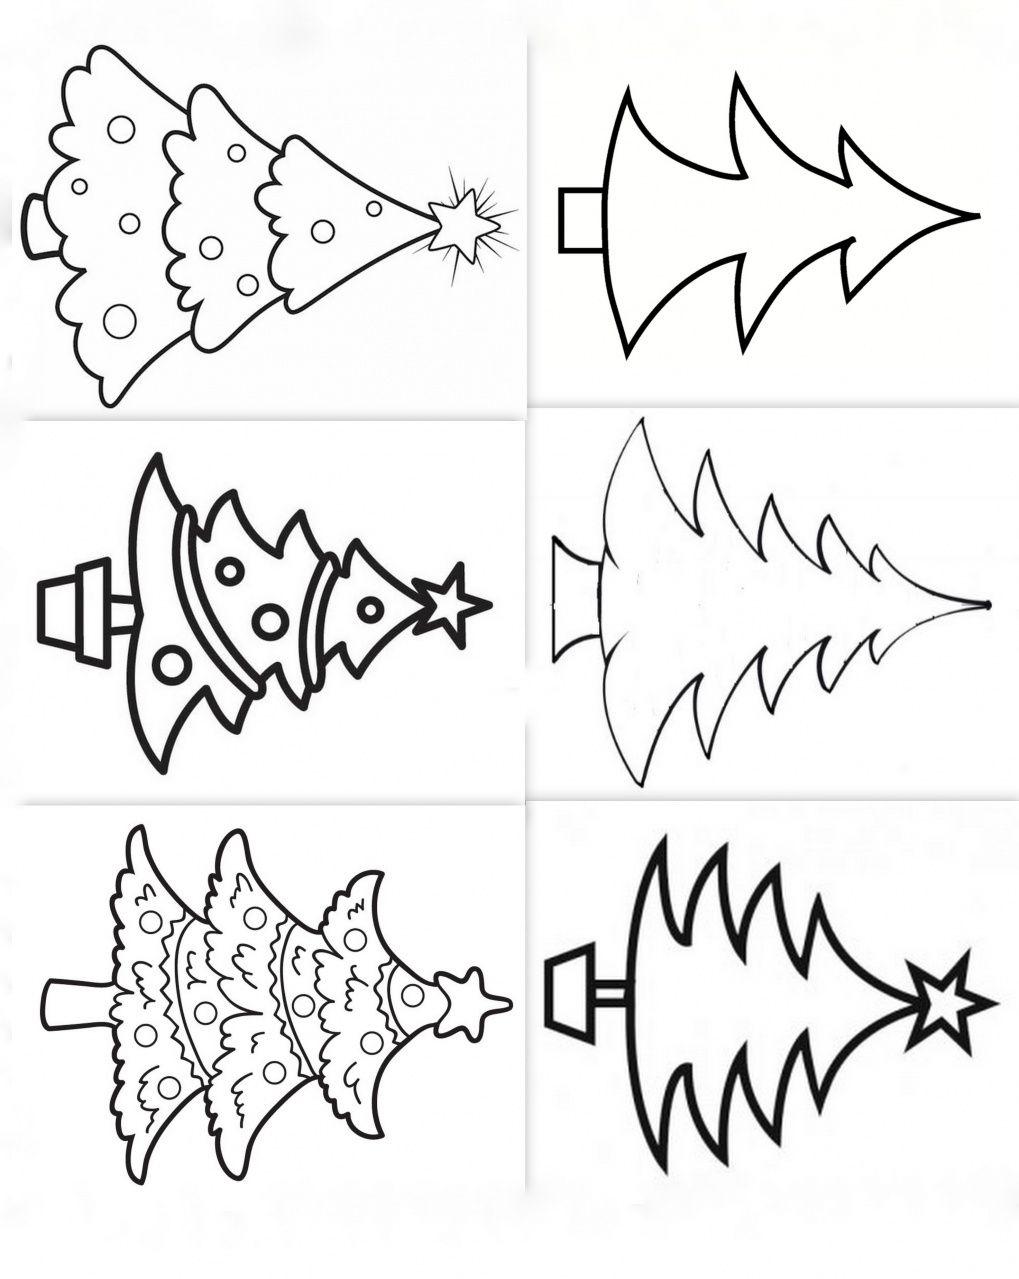 Dessins, Modèles, Coloriages Sapins Noel … | Dessin Sapin De dedans Coloriage De Sapin De Noel A Imprimer Gratuit